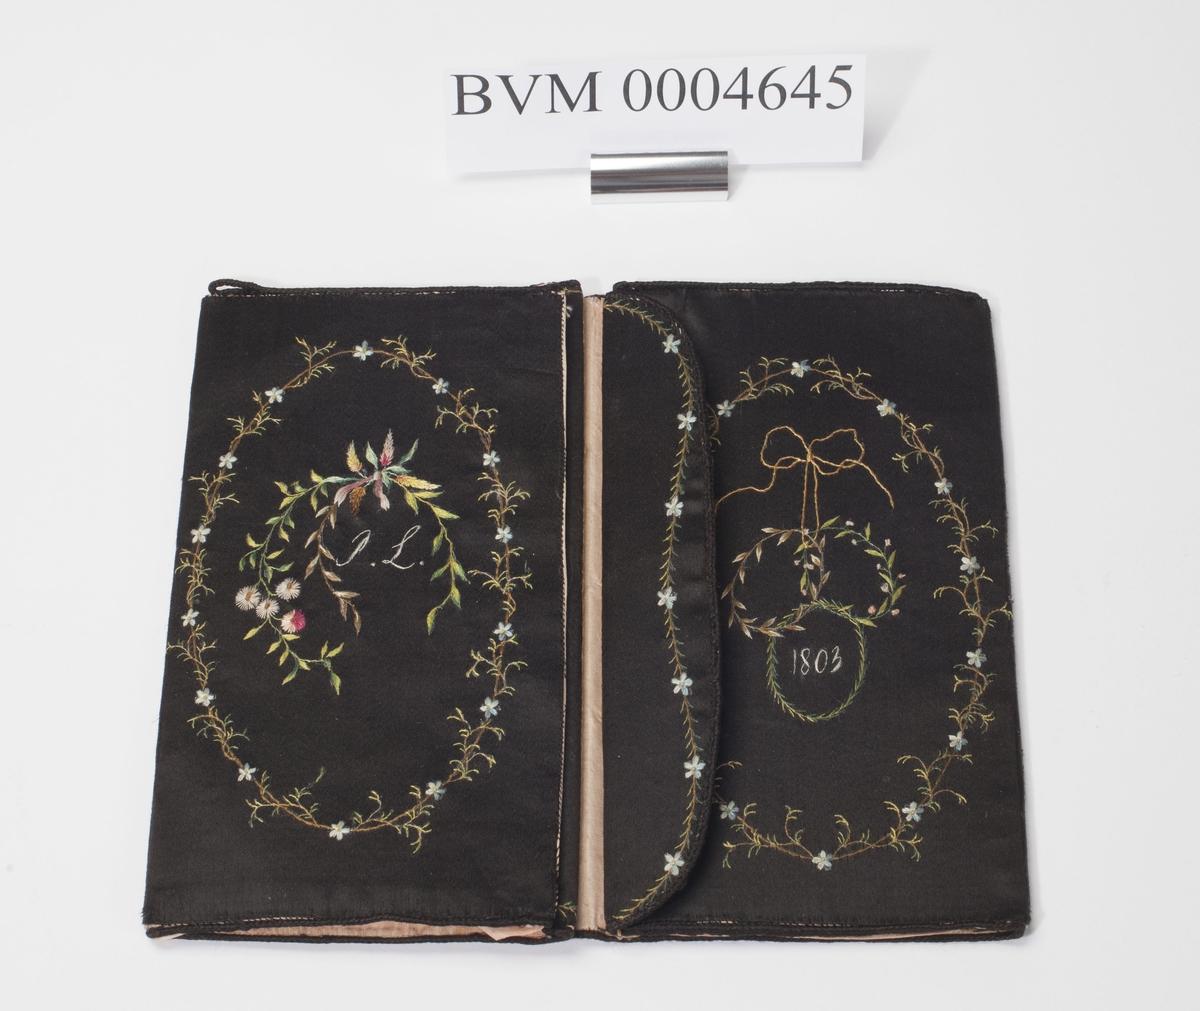 Brodert silketrukket lommebok med fire rom. Utvendig brodert en enkel ring med blomsterdekor. Inne i den ene ringen en bikube og i den andre et brennende alter(?).  Når lommeboken åpnes mer blonmsterdekor og initialene PL og årstallet 1803 brodert inn.